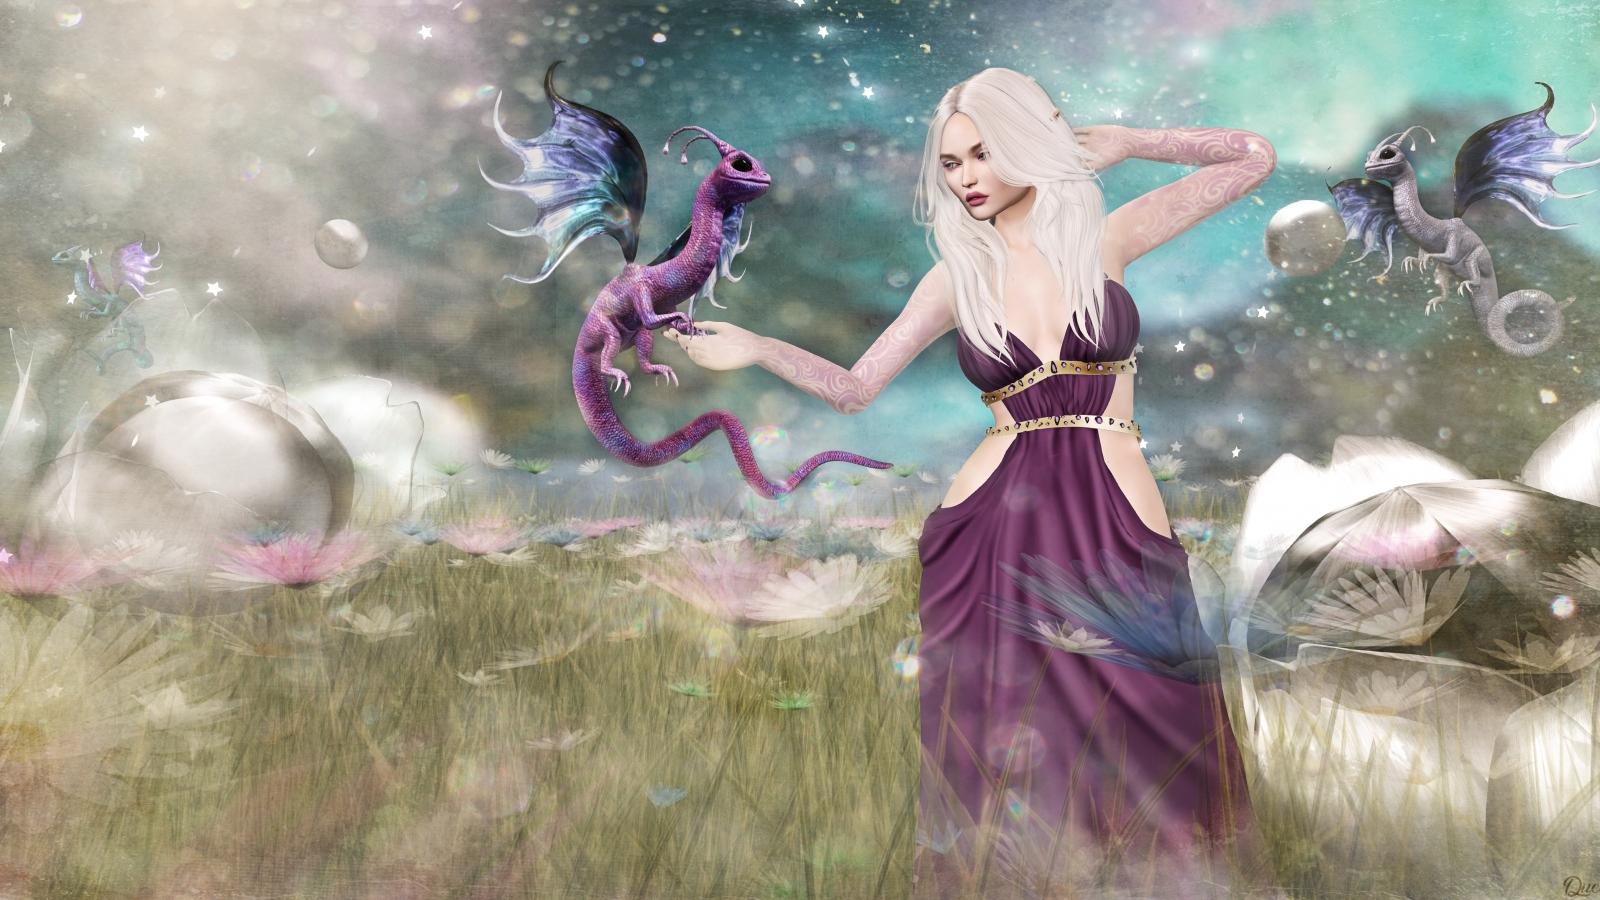 Juego de Tronos Fantasy - 1600x900